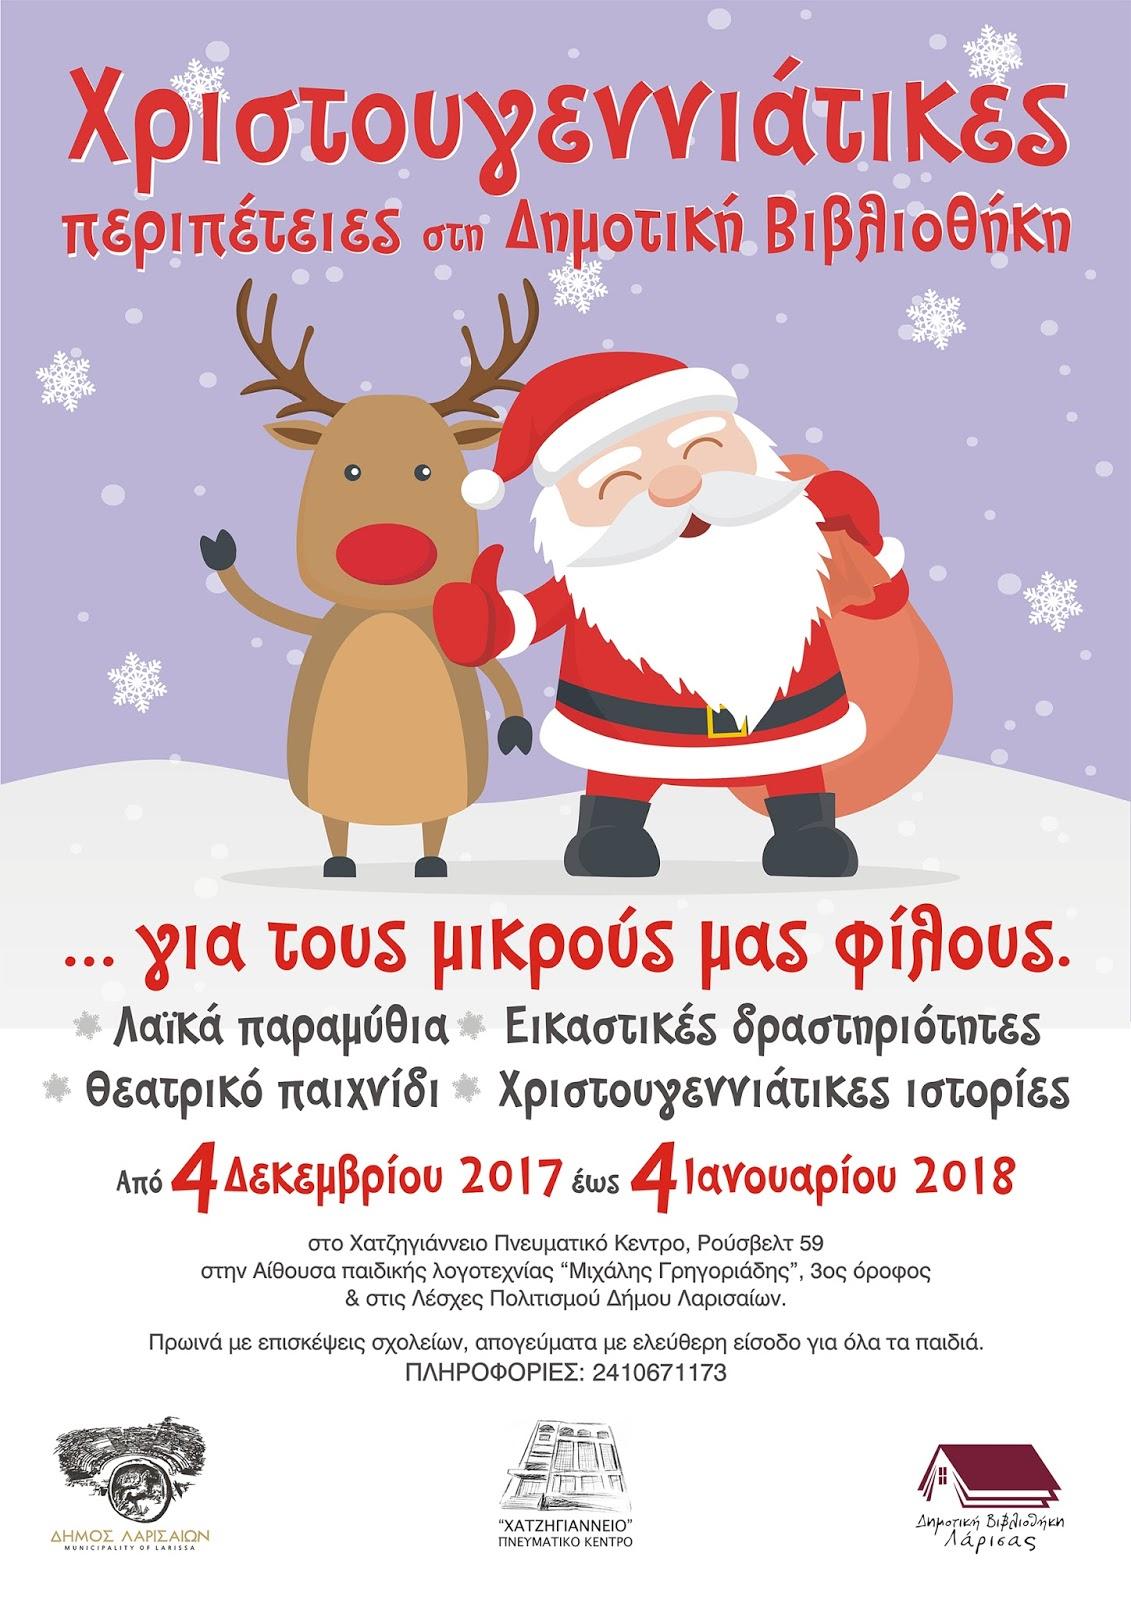 Χριστουγεννιάτικες περιπέτειες στη Δημοτική Βιβλιοθήκη Λάρισας